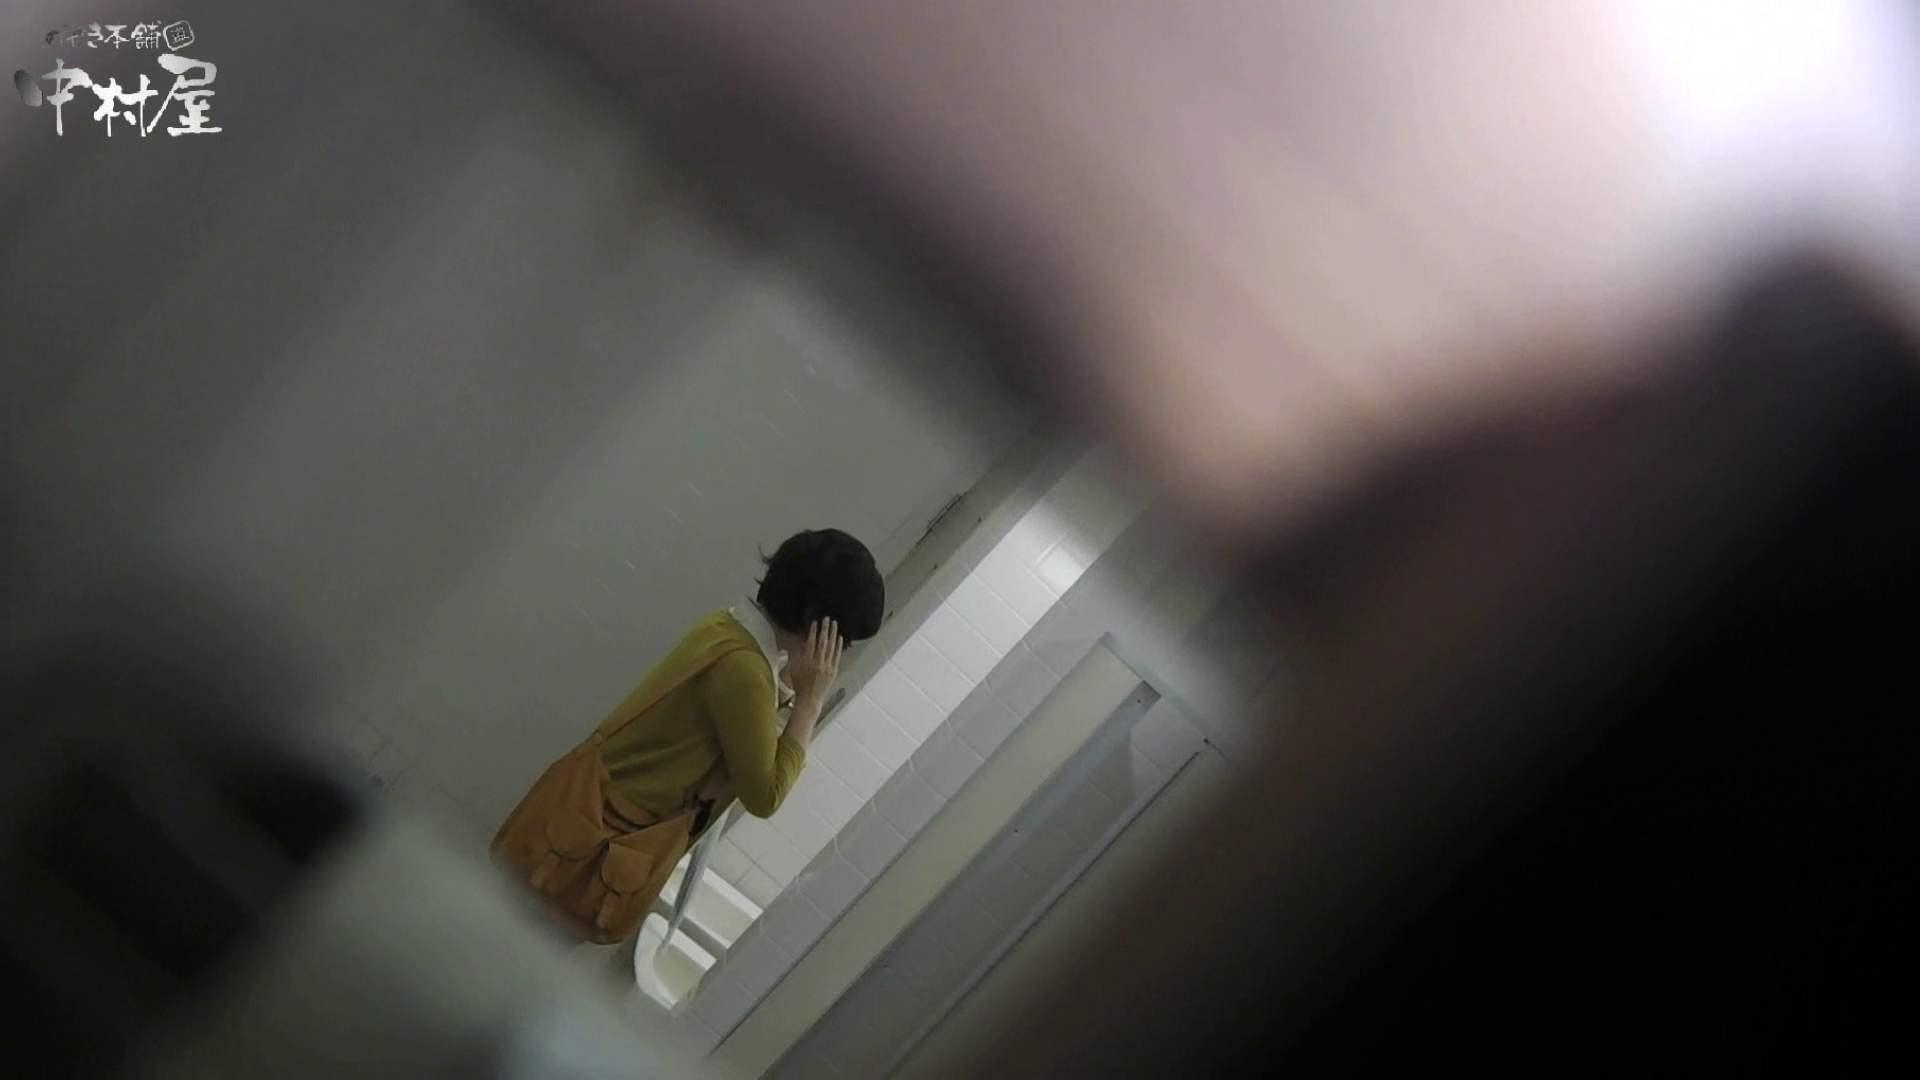 vol.54 命がけ潜伏洗面所! ヲリモノとろりん後編 プライベート  107pic 84